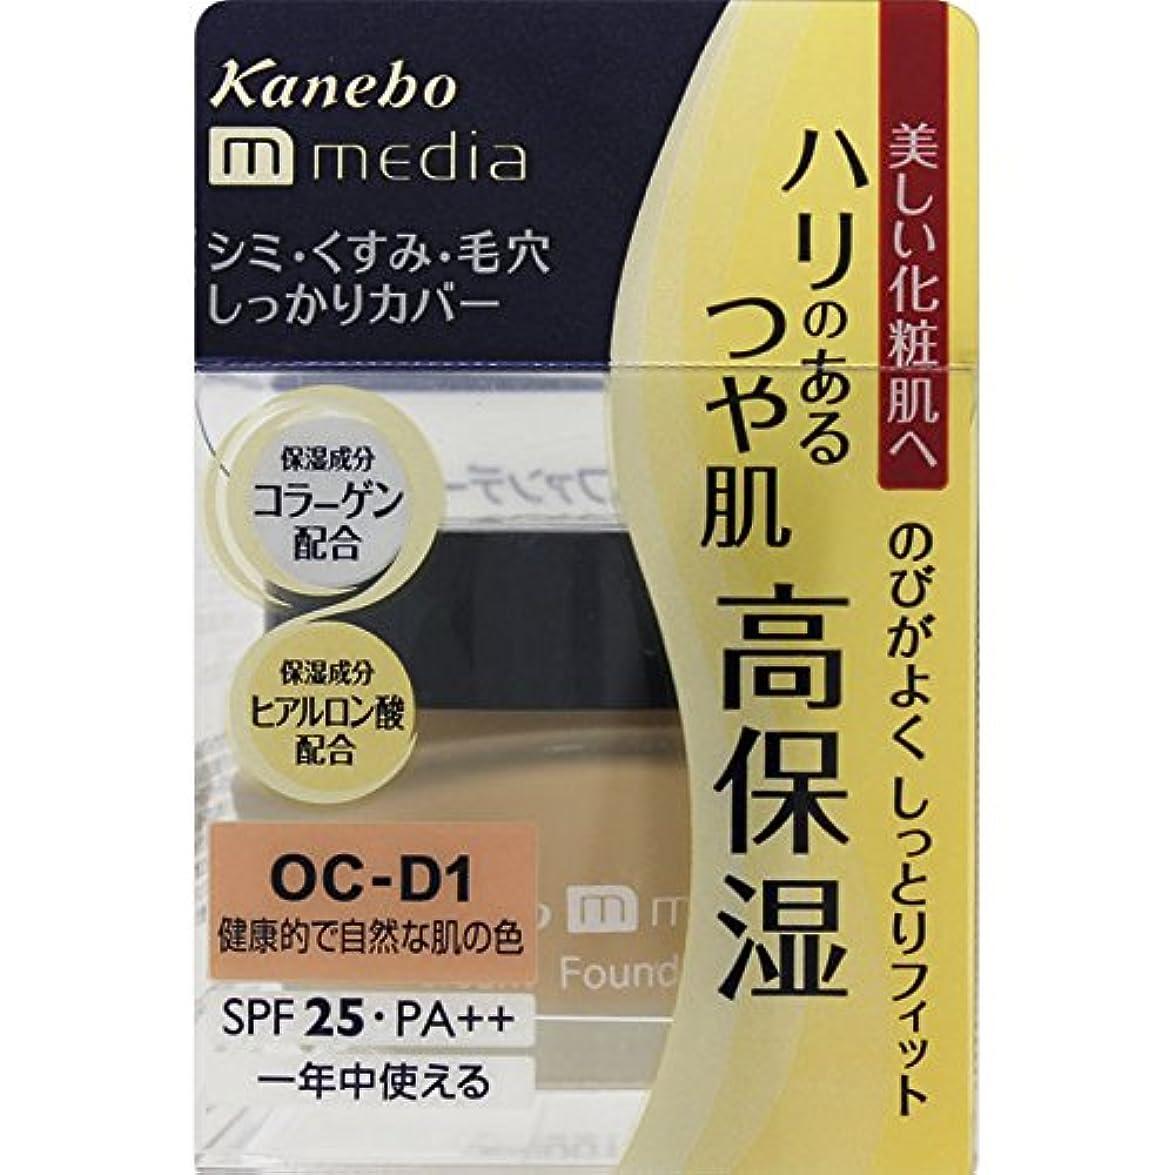 スペード細胞シロナガスクジラカネボウ化粧品 メディア クリームファンデーション 健康的で自然な肌の色 OC-D1